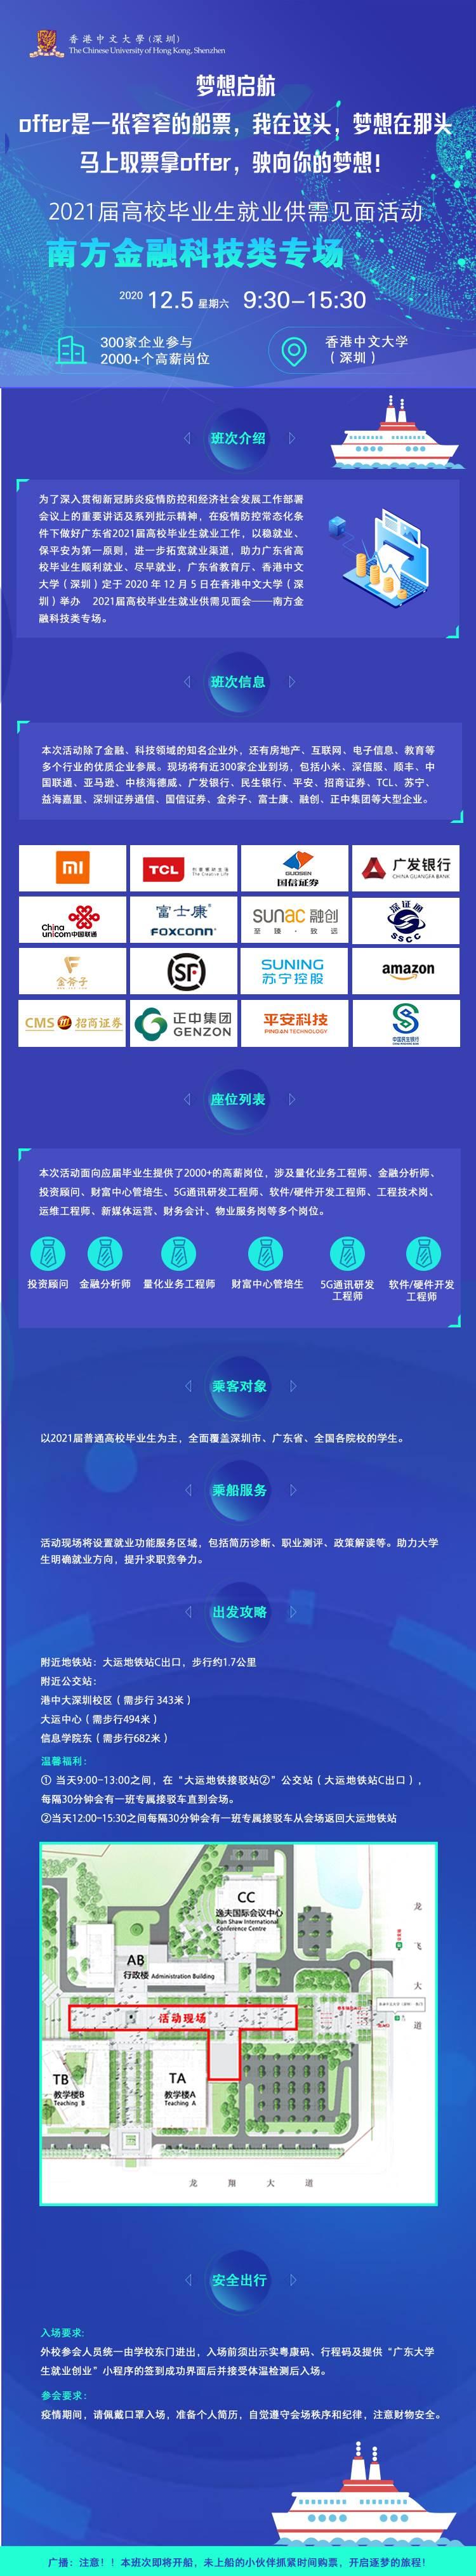 【更新】南方金融科技类专场c端长图文活动行.jpg